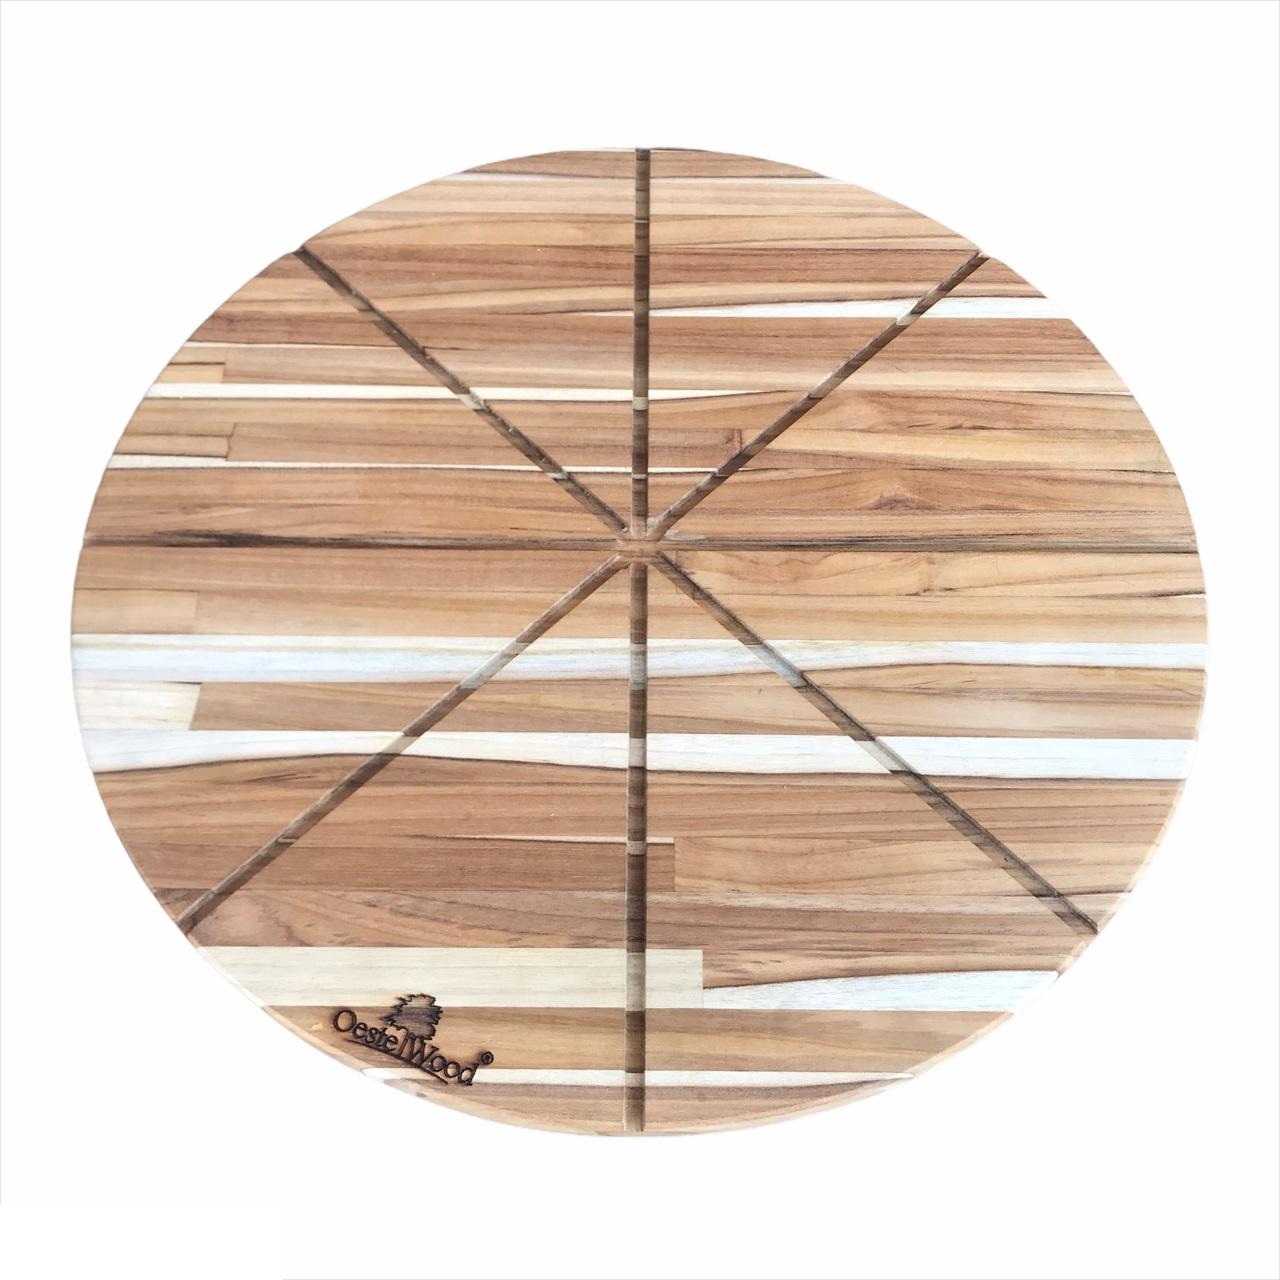 Tábua para Pizza em Madera Teca com Cortador 40 cm Oestwood